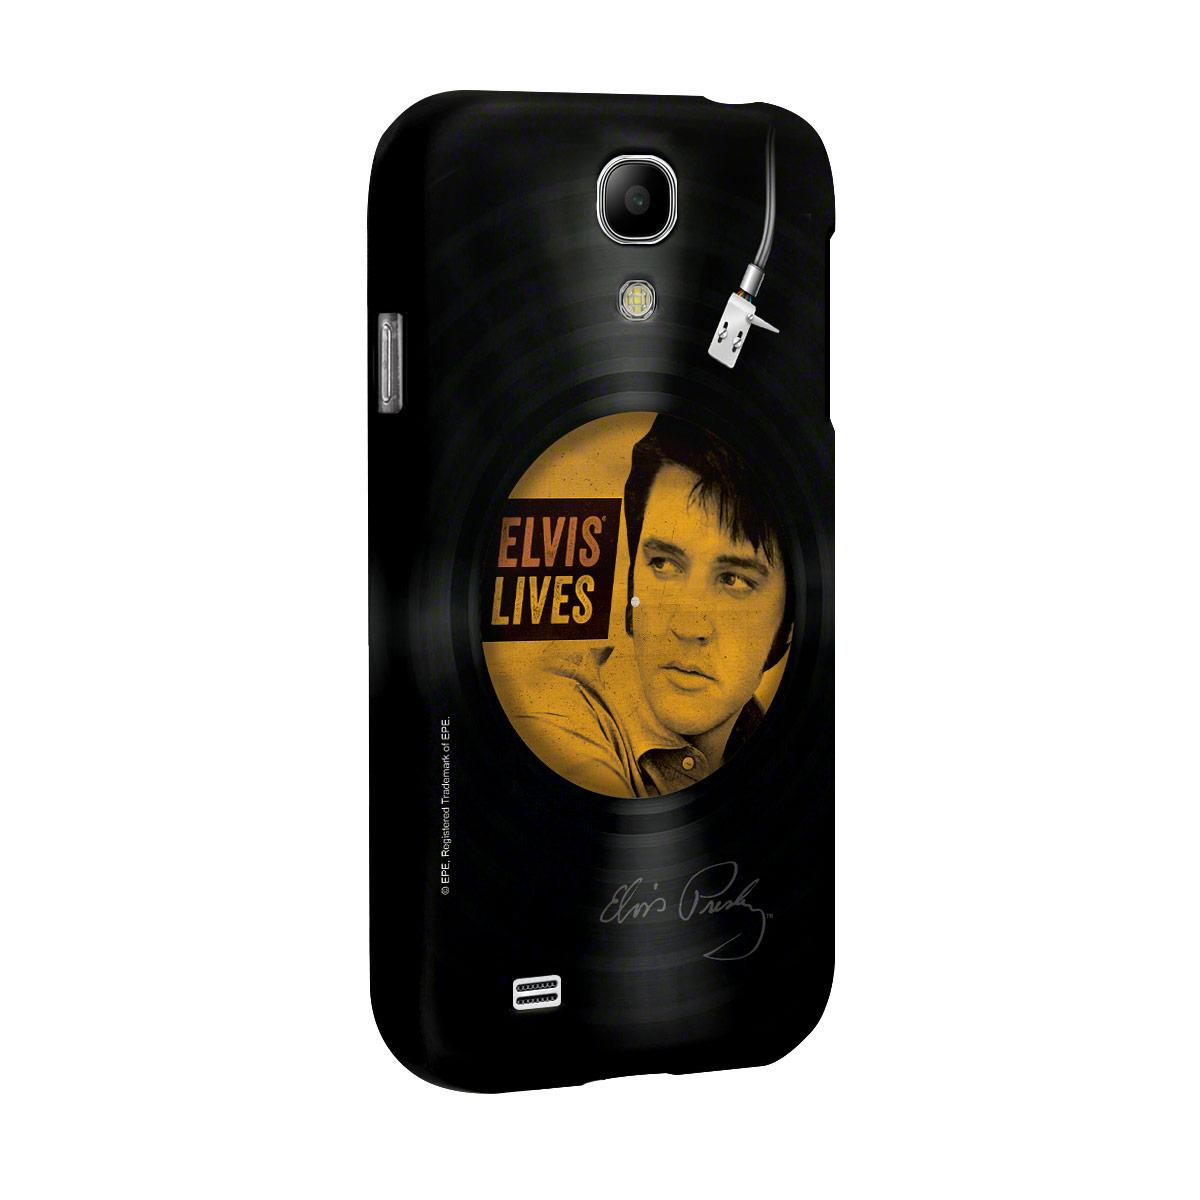 Capa de Celular Samsung Galaxy S4 Elvis Lives Vinyl